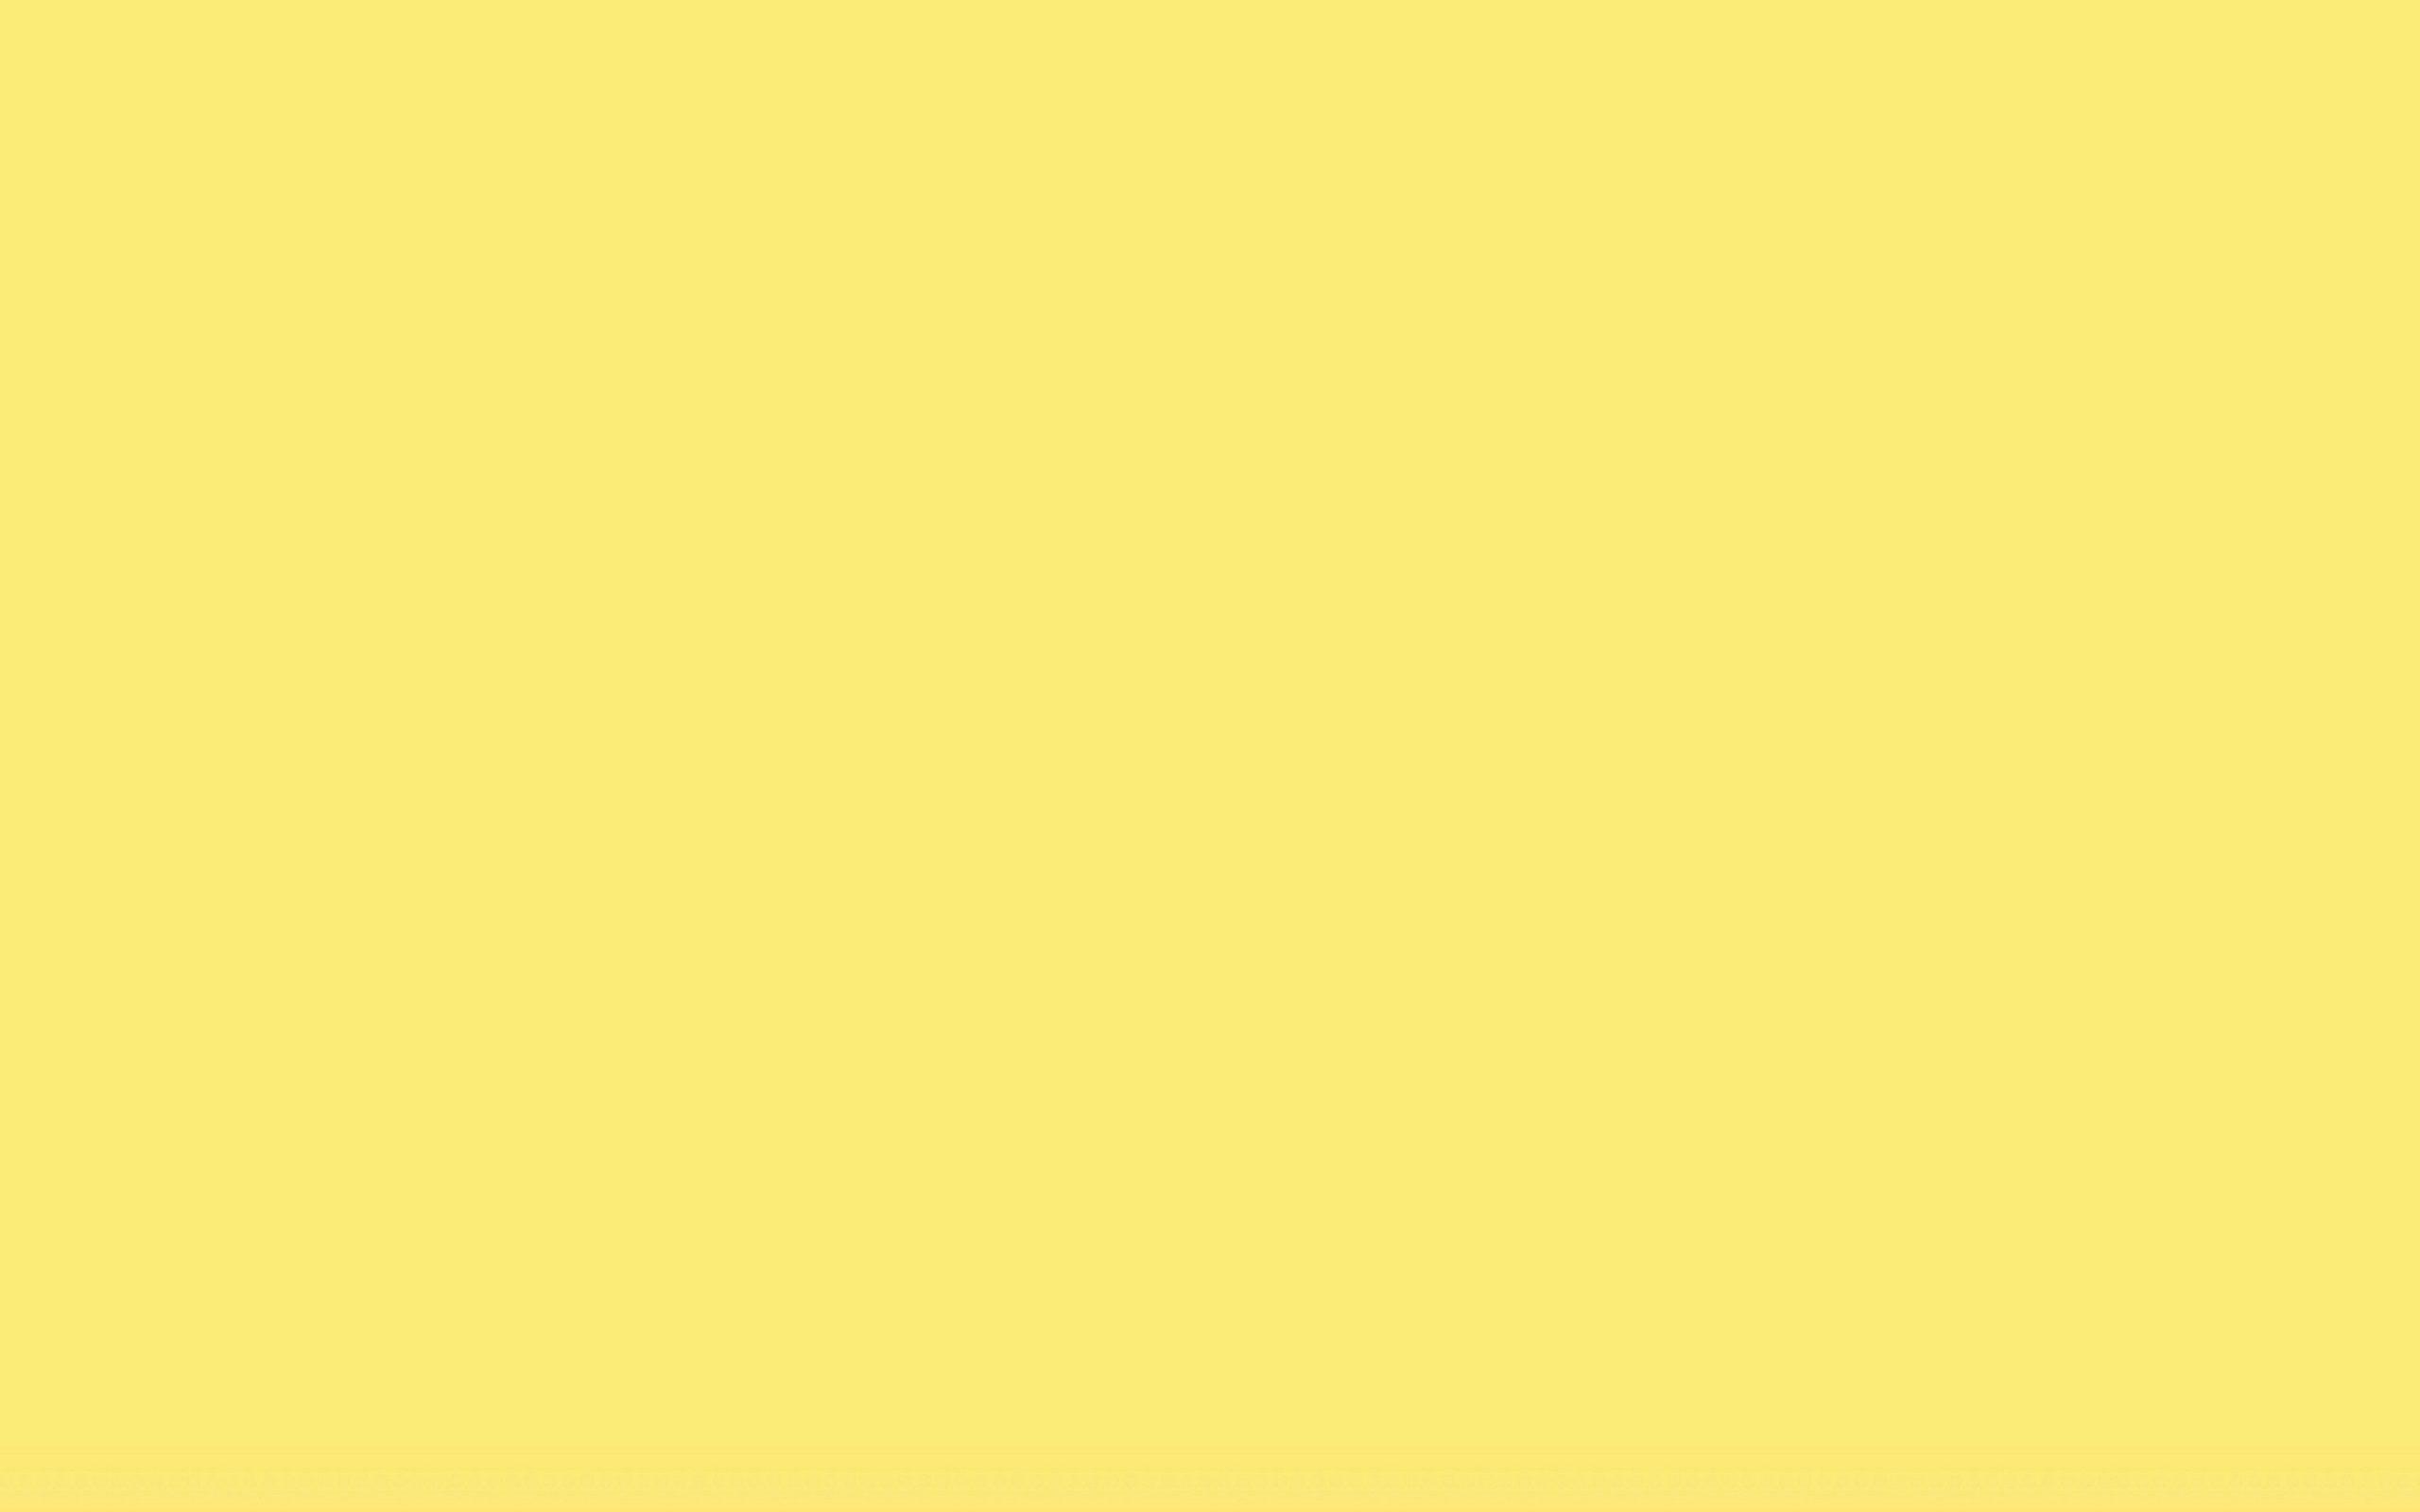 Hình nền màn hình màu vàng 2560x1600